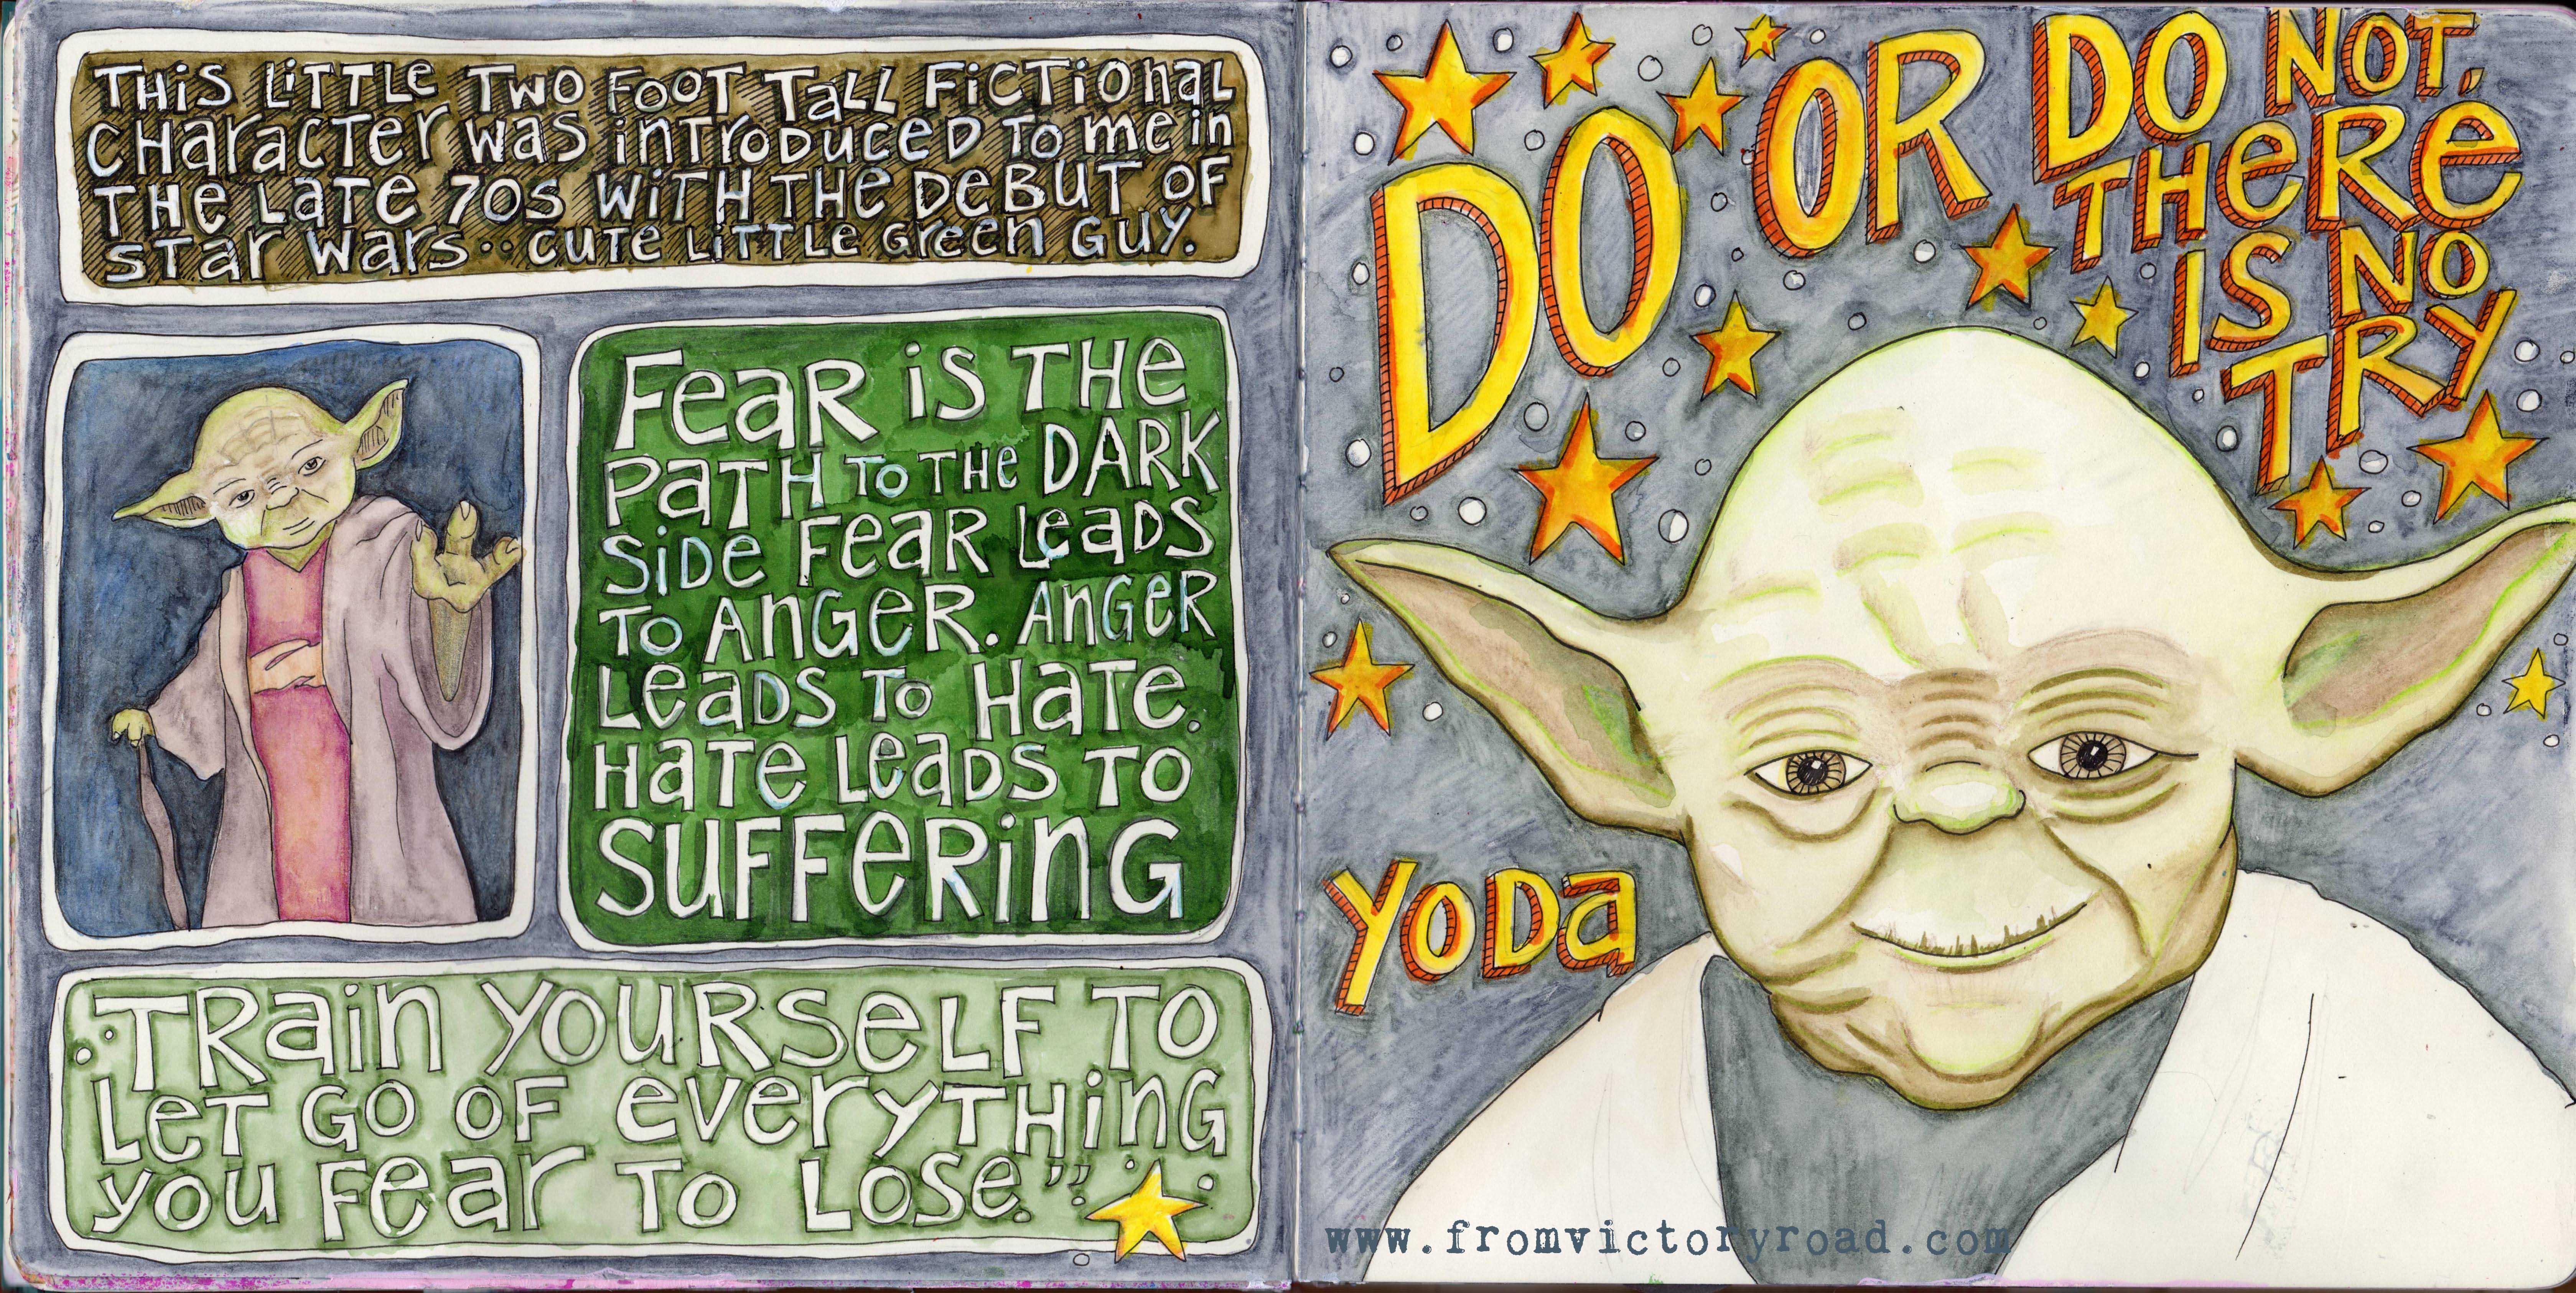 yoda watermark